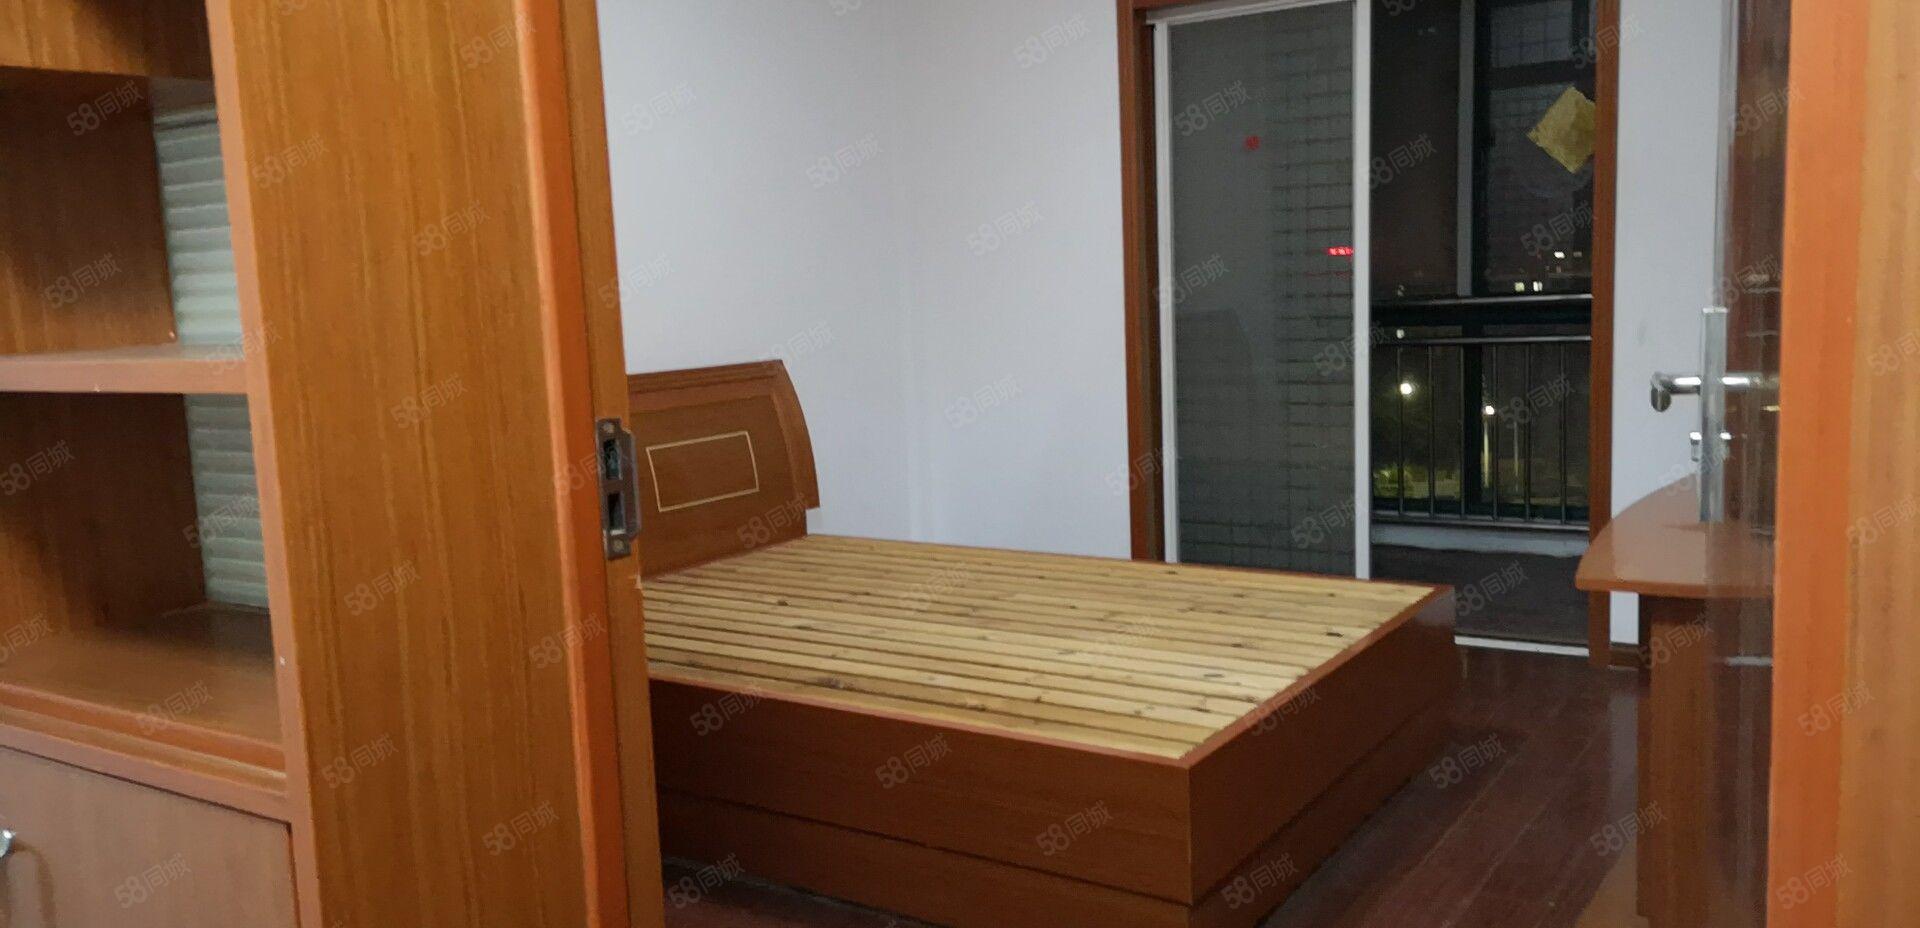 杜甫广厦三室一厅低价出售